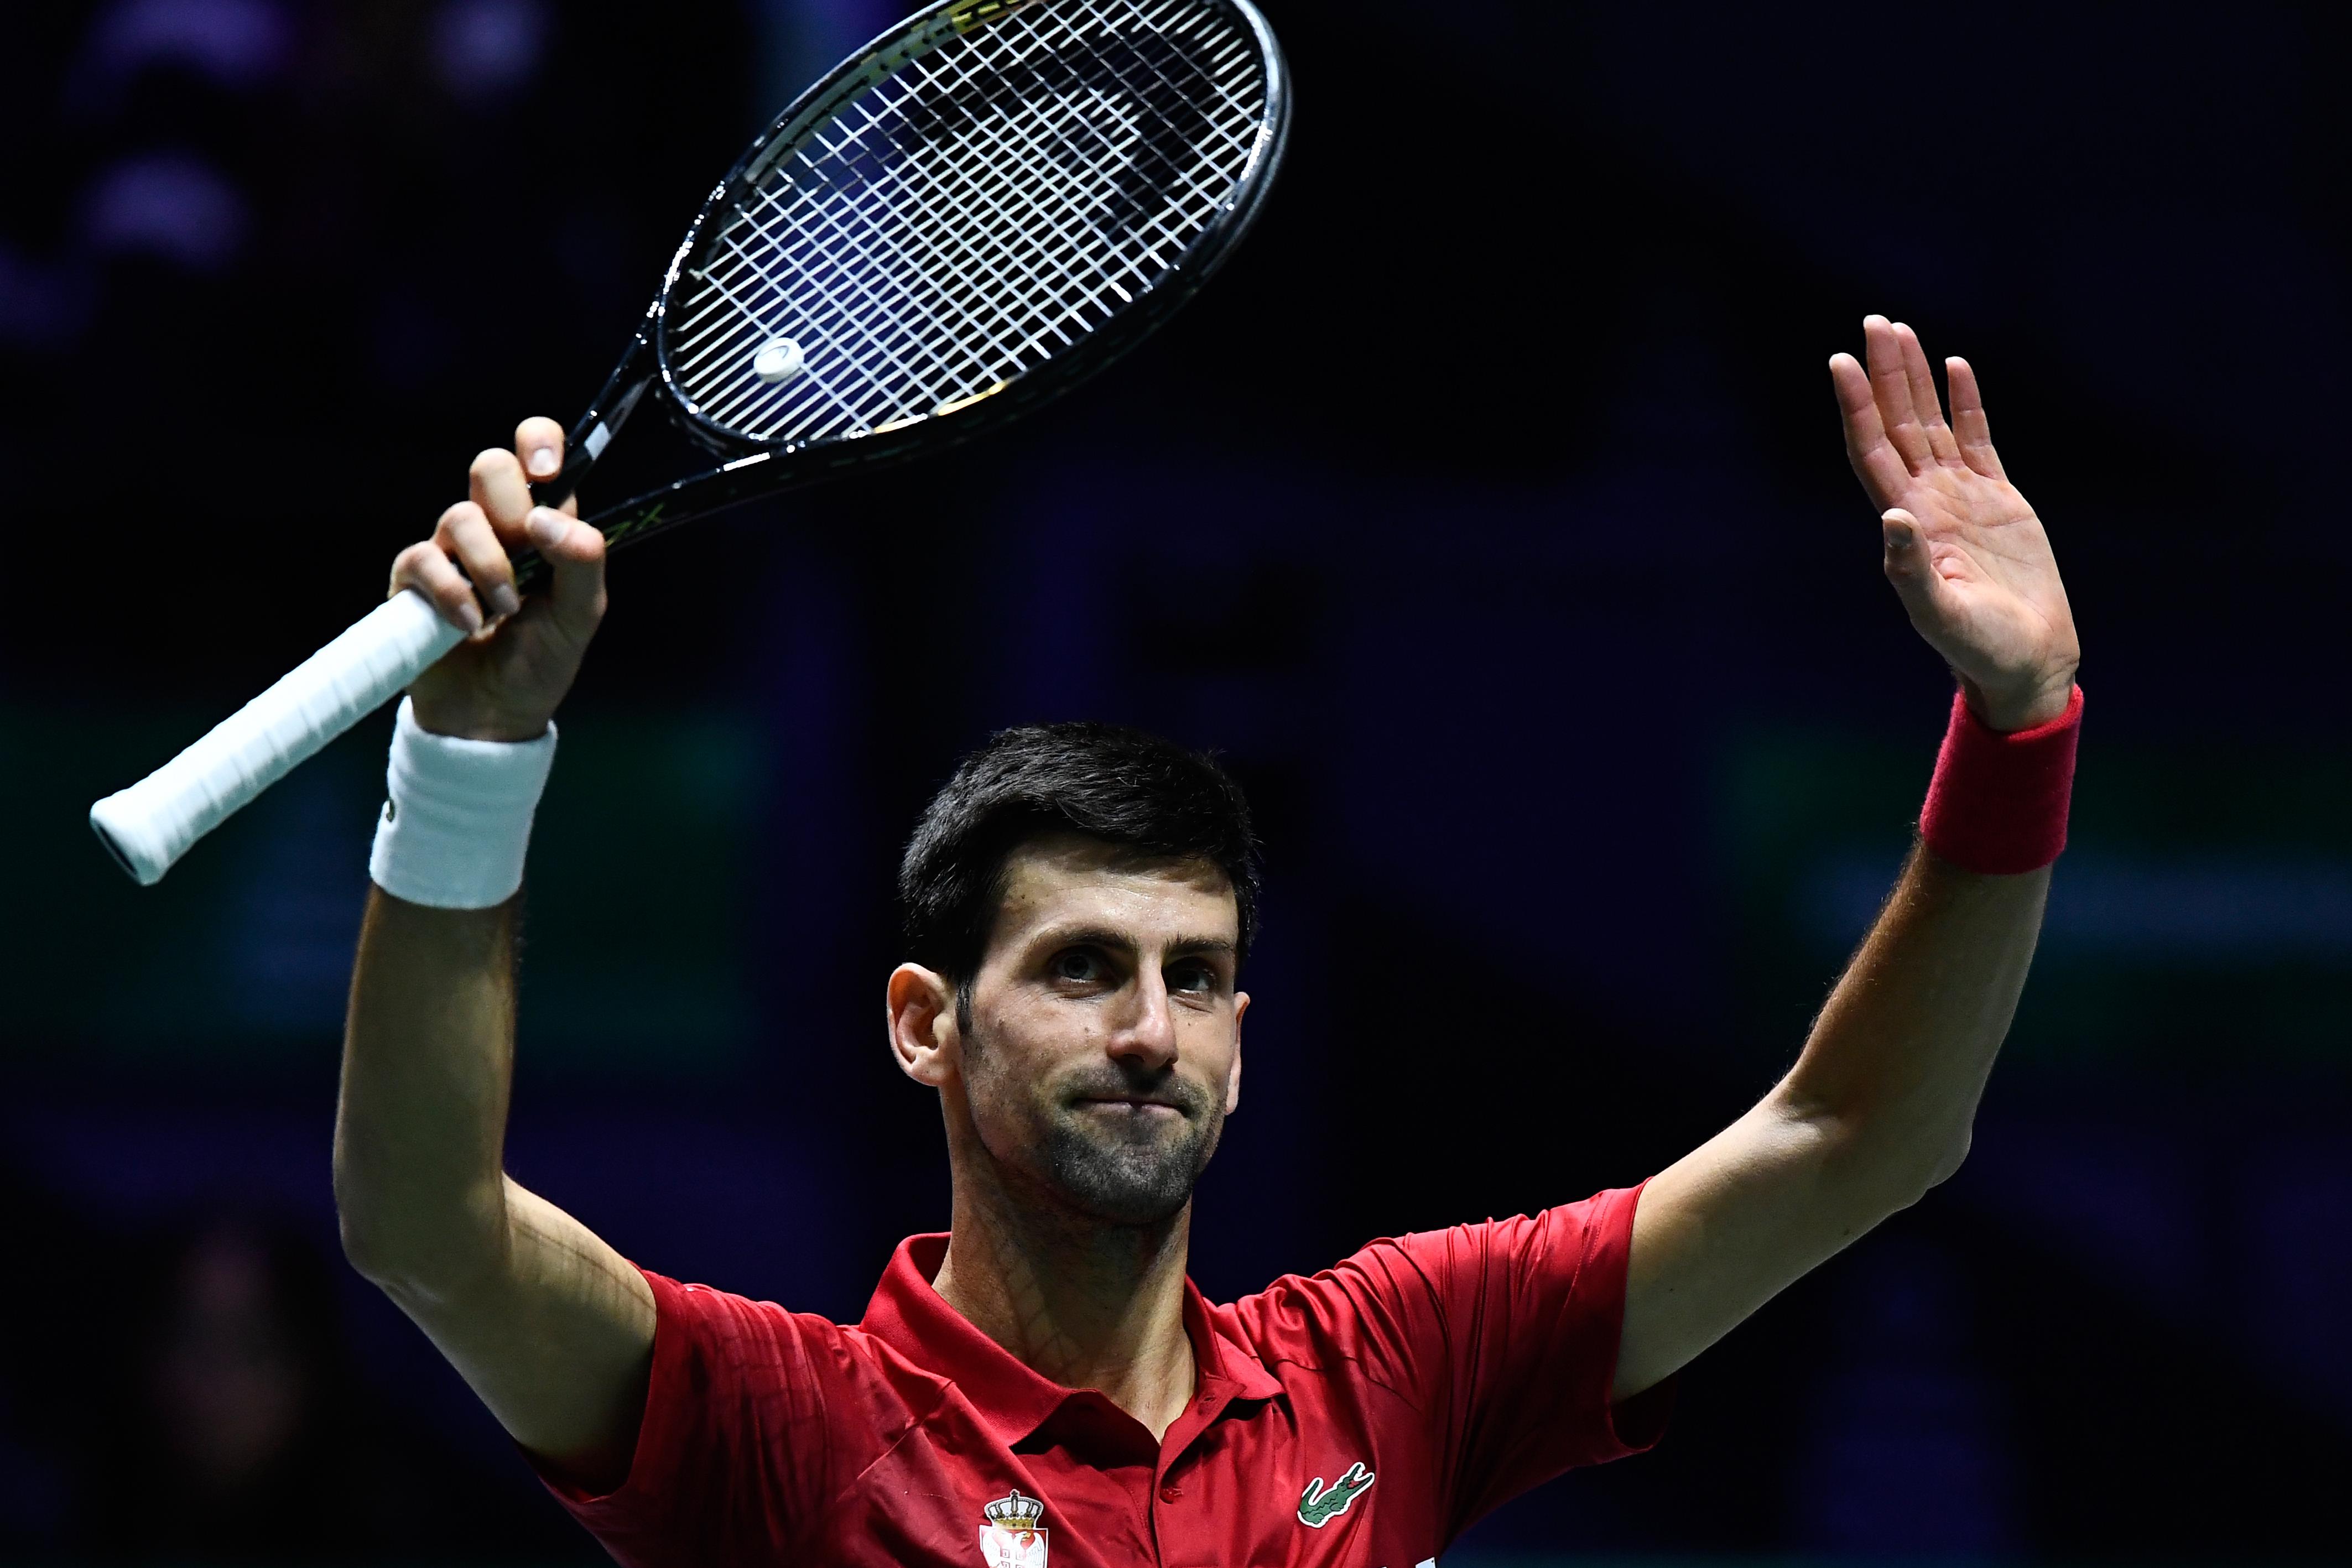 Puchar Davisa. Rozpoczyna się decydująca walka o tytuł